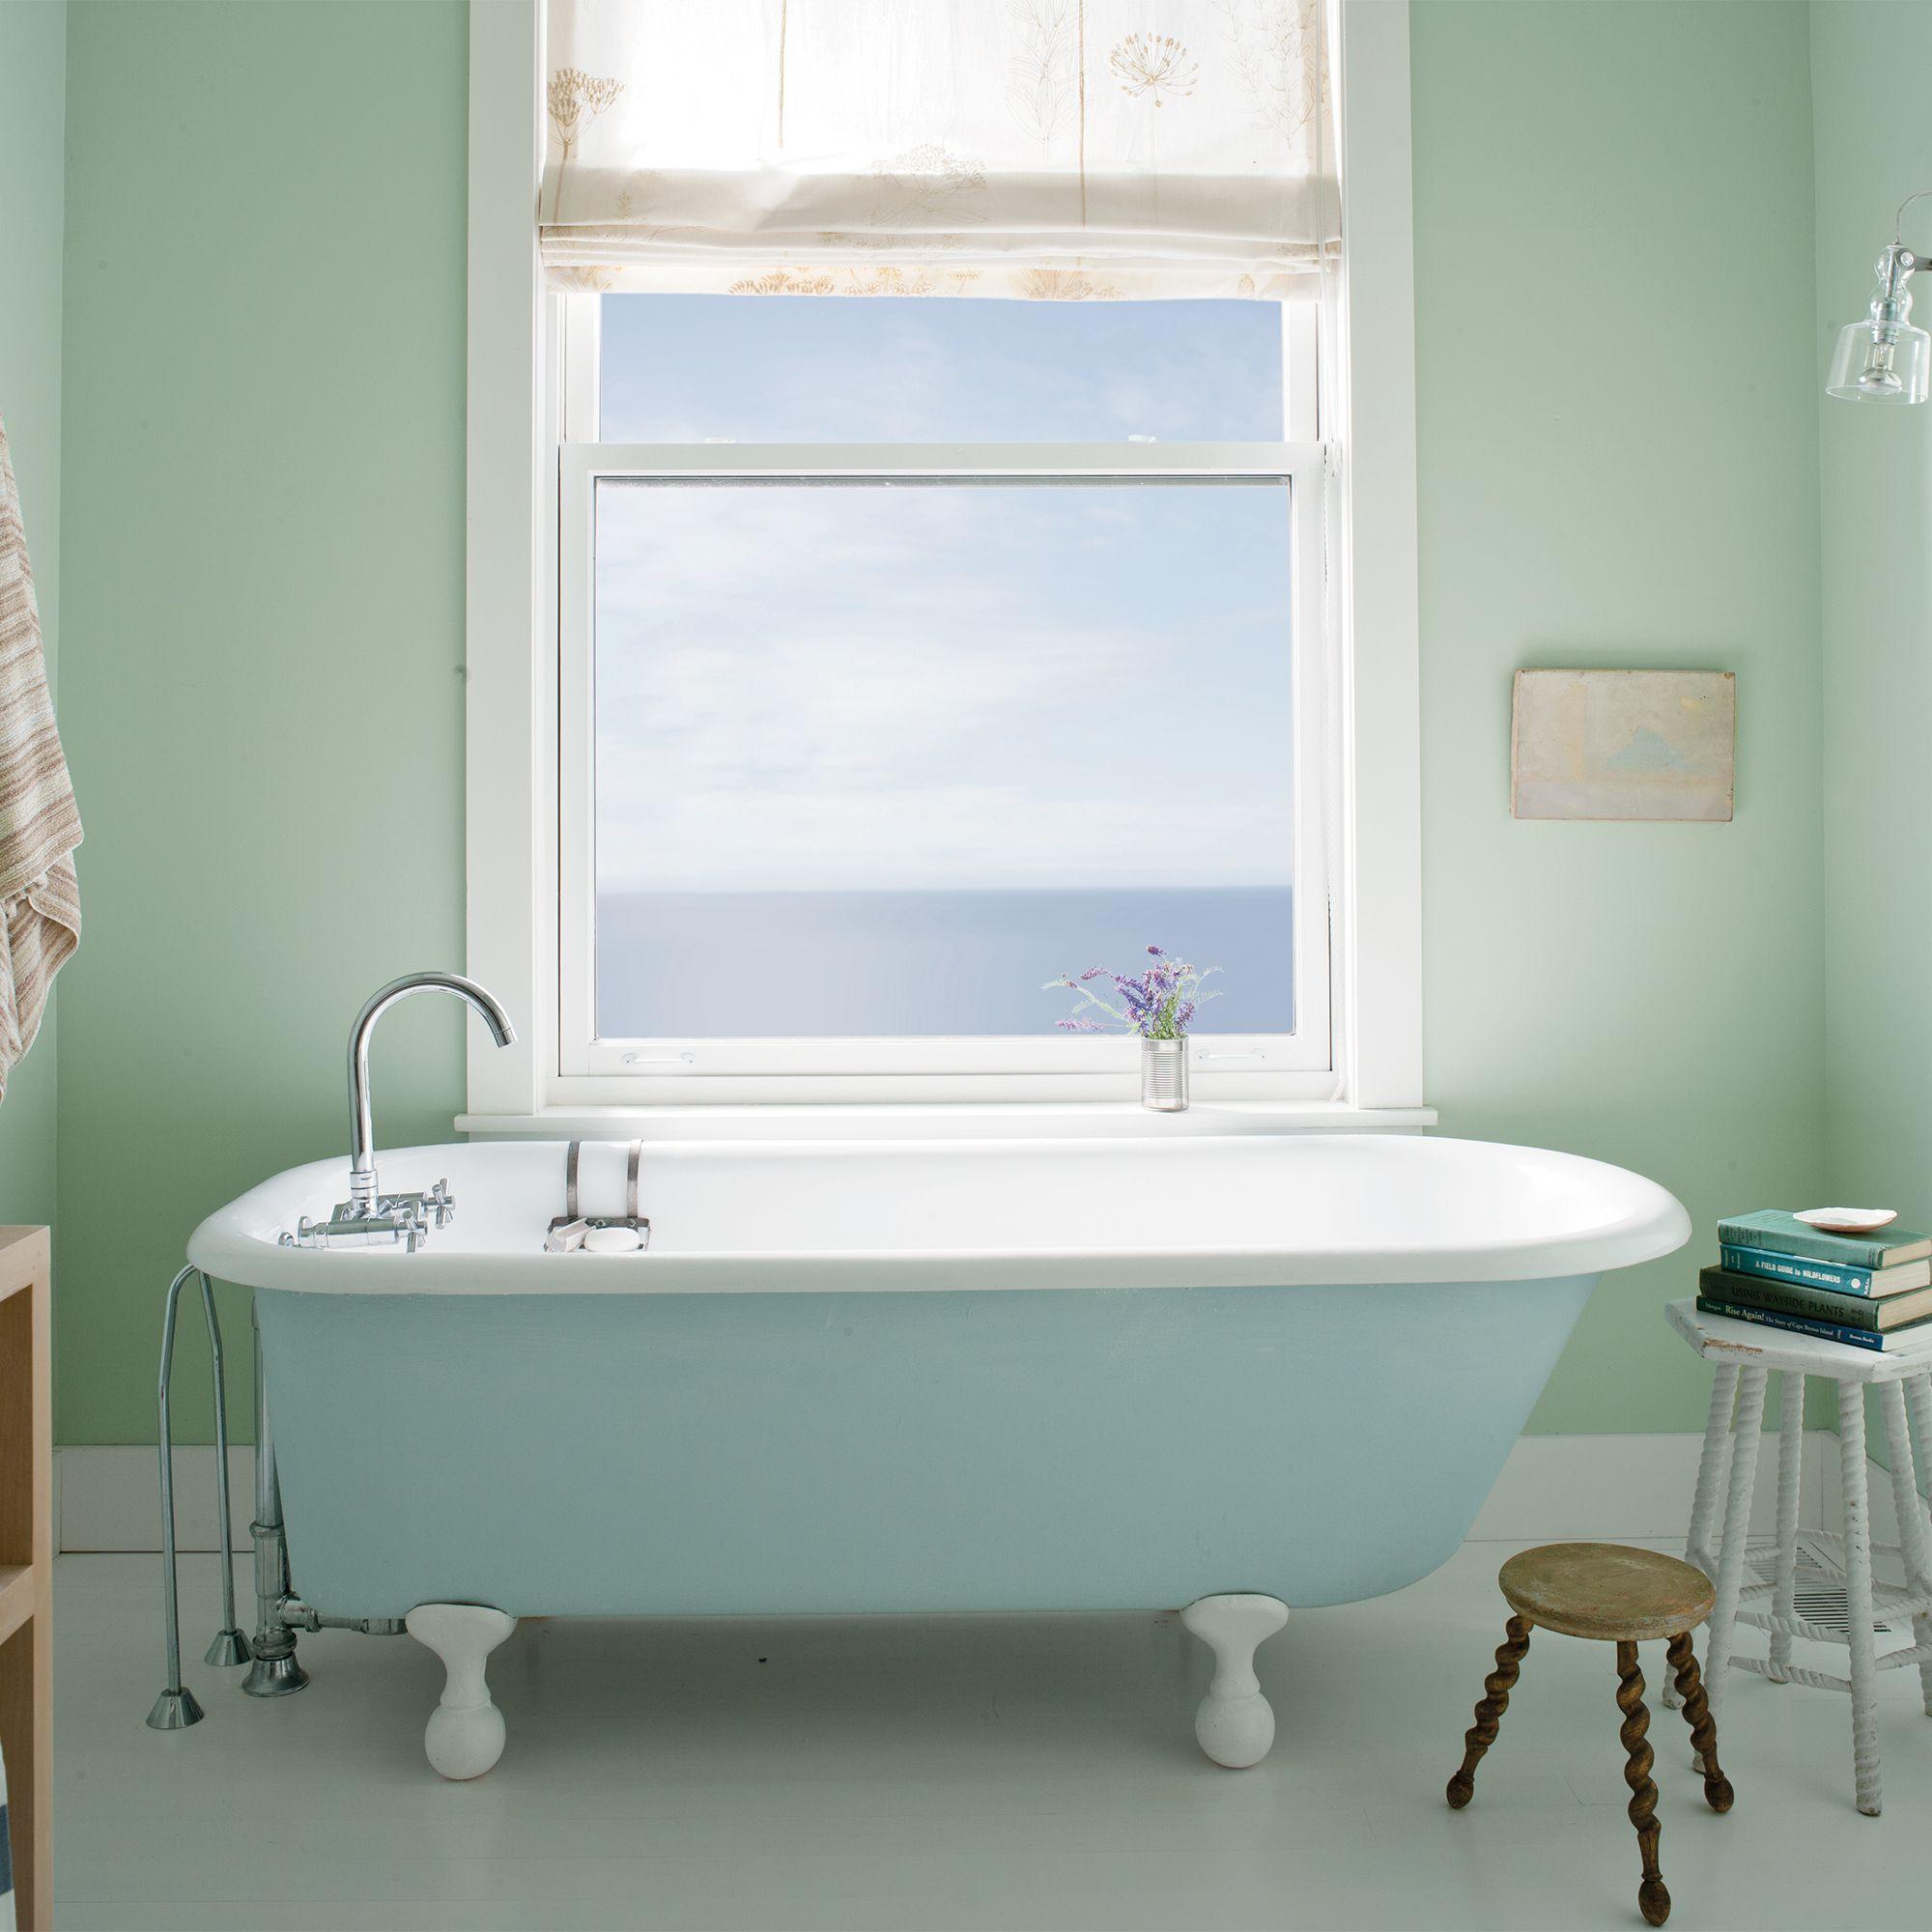 Green Bathroom with Pale Blue Bathtub